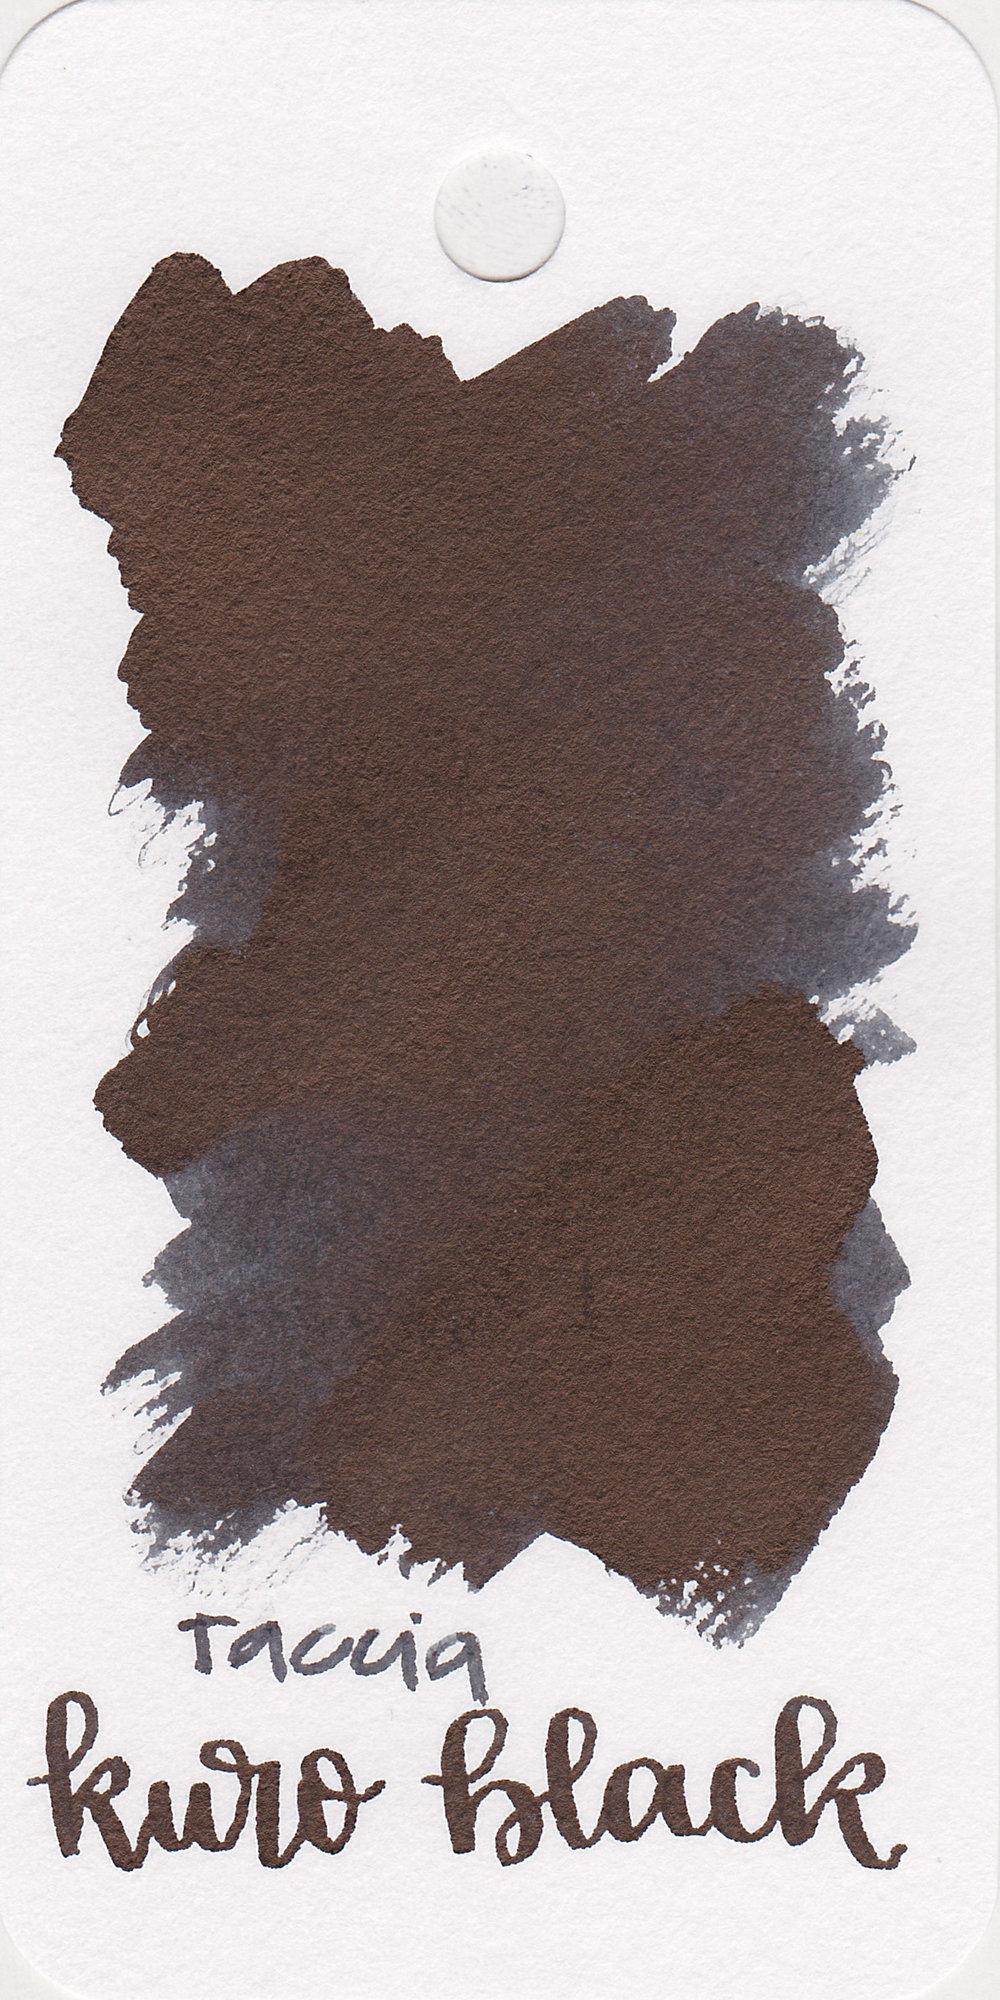 tac-kuro-black-1.jpg